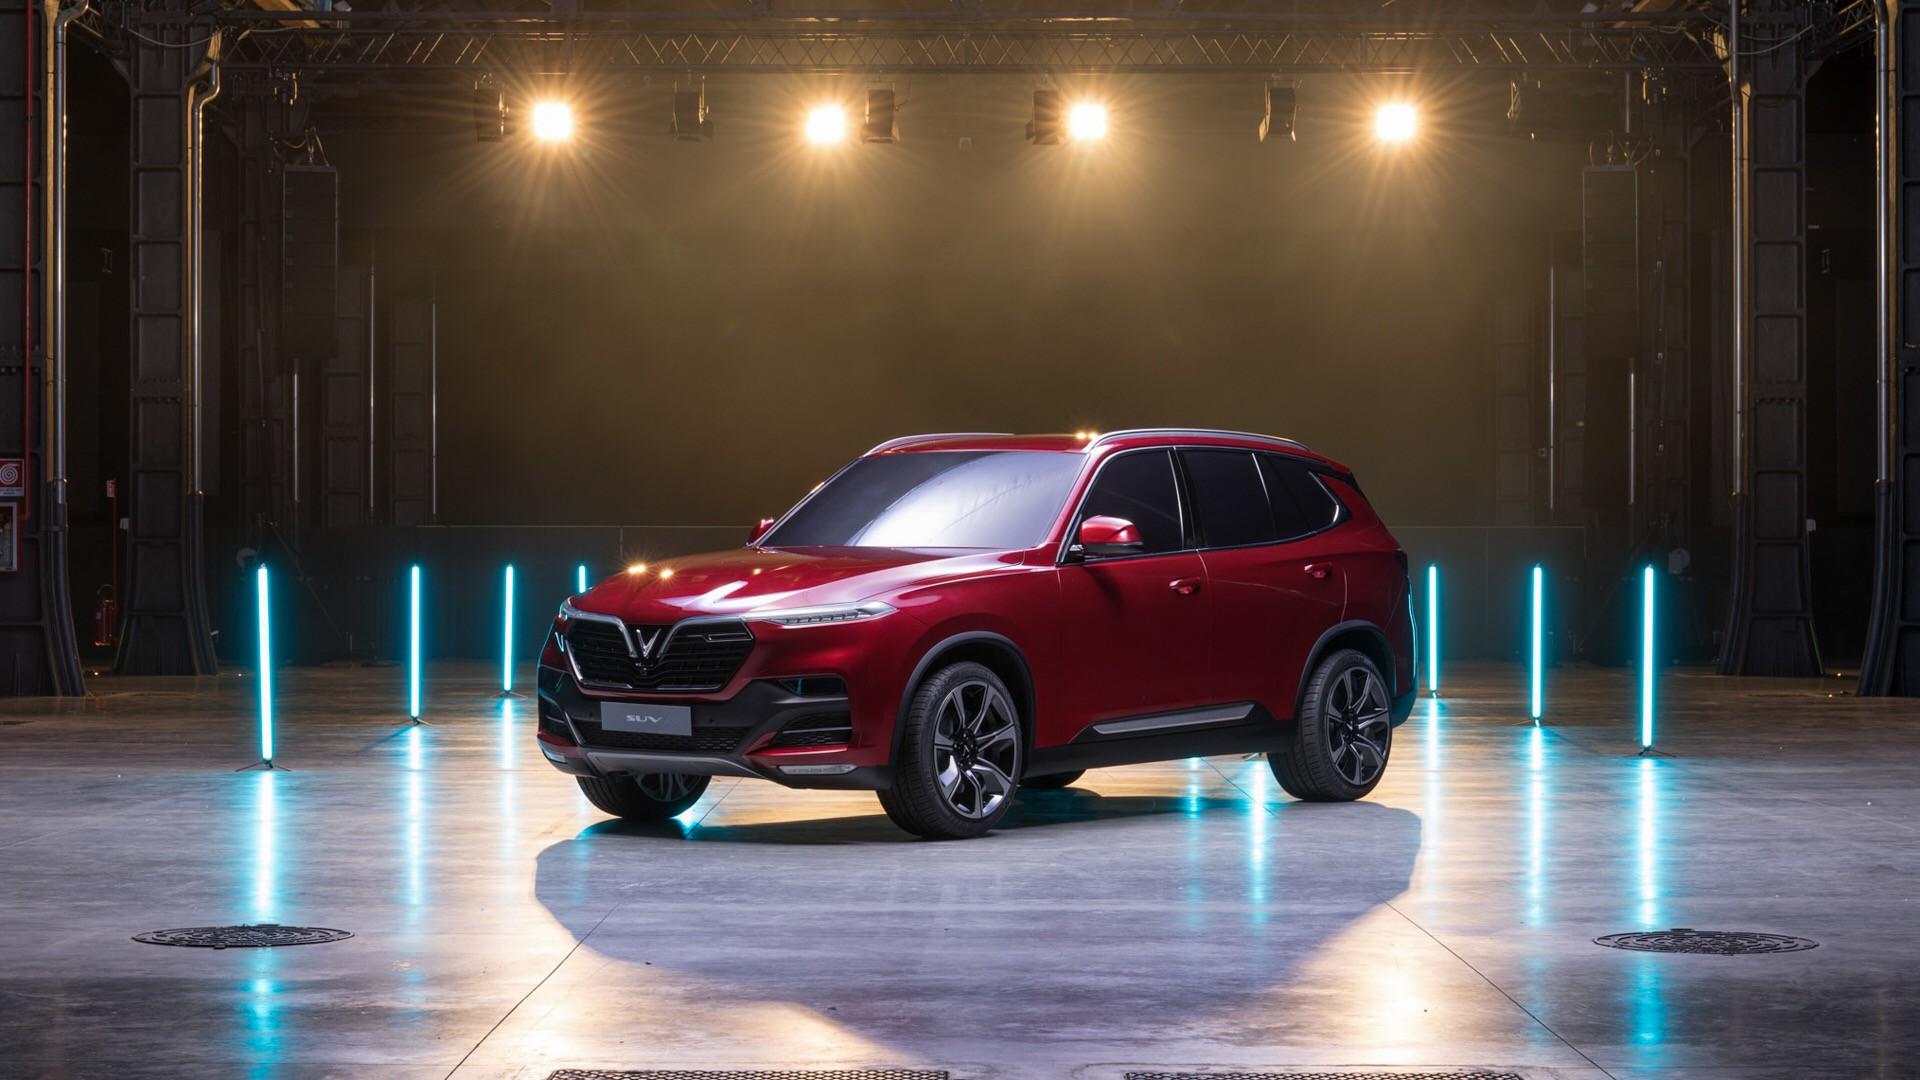 VinFast chính thức công bố tên hai mẫu xe - LUX A2.0 và LUX SA2.0 - Ảnh 4.